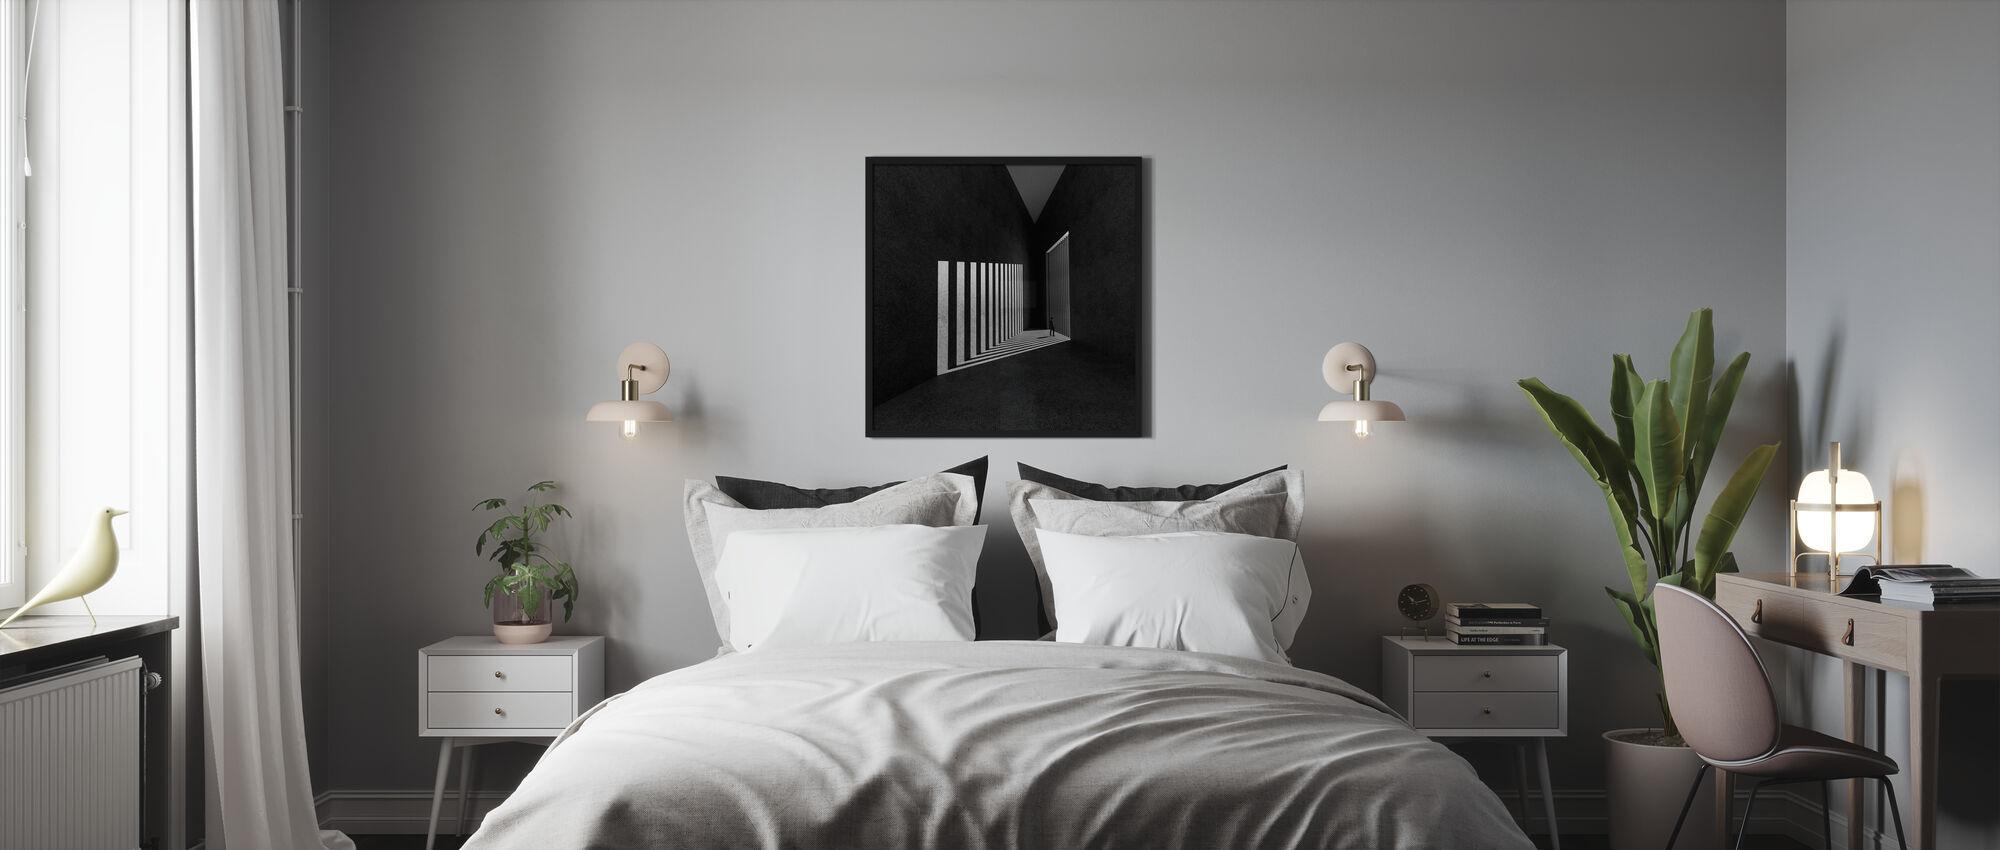 Warte auf Freiheit - Poster - Schlafzimmer